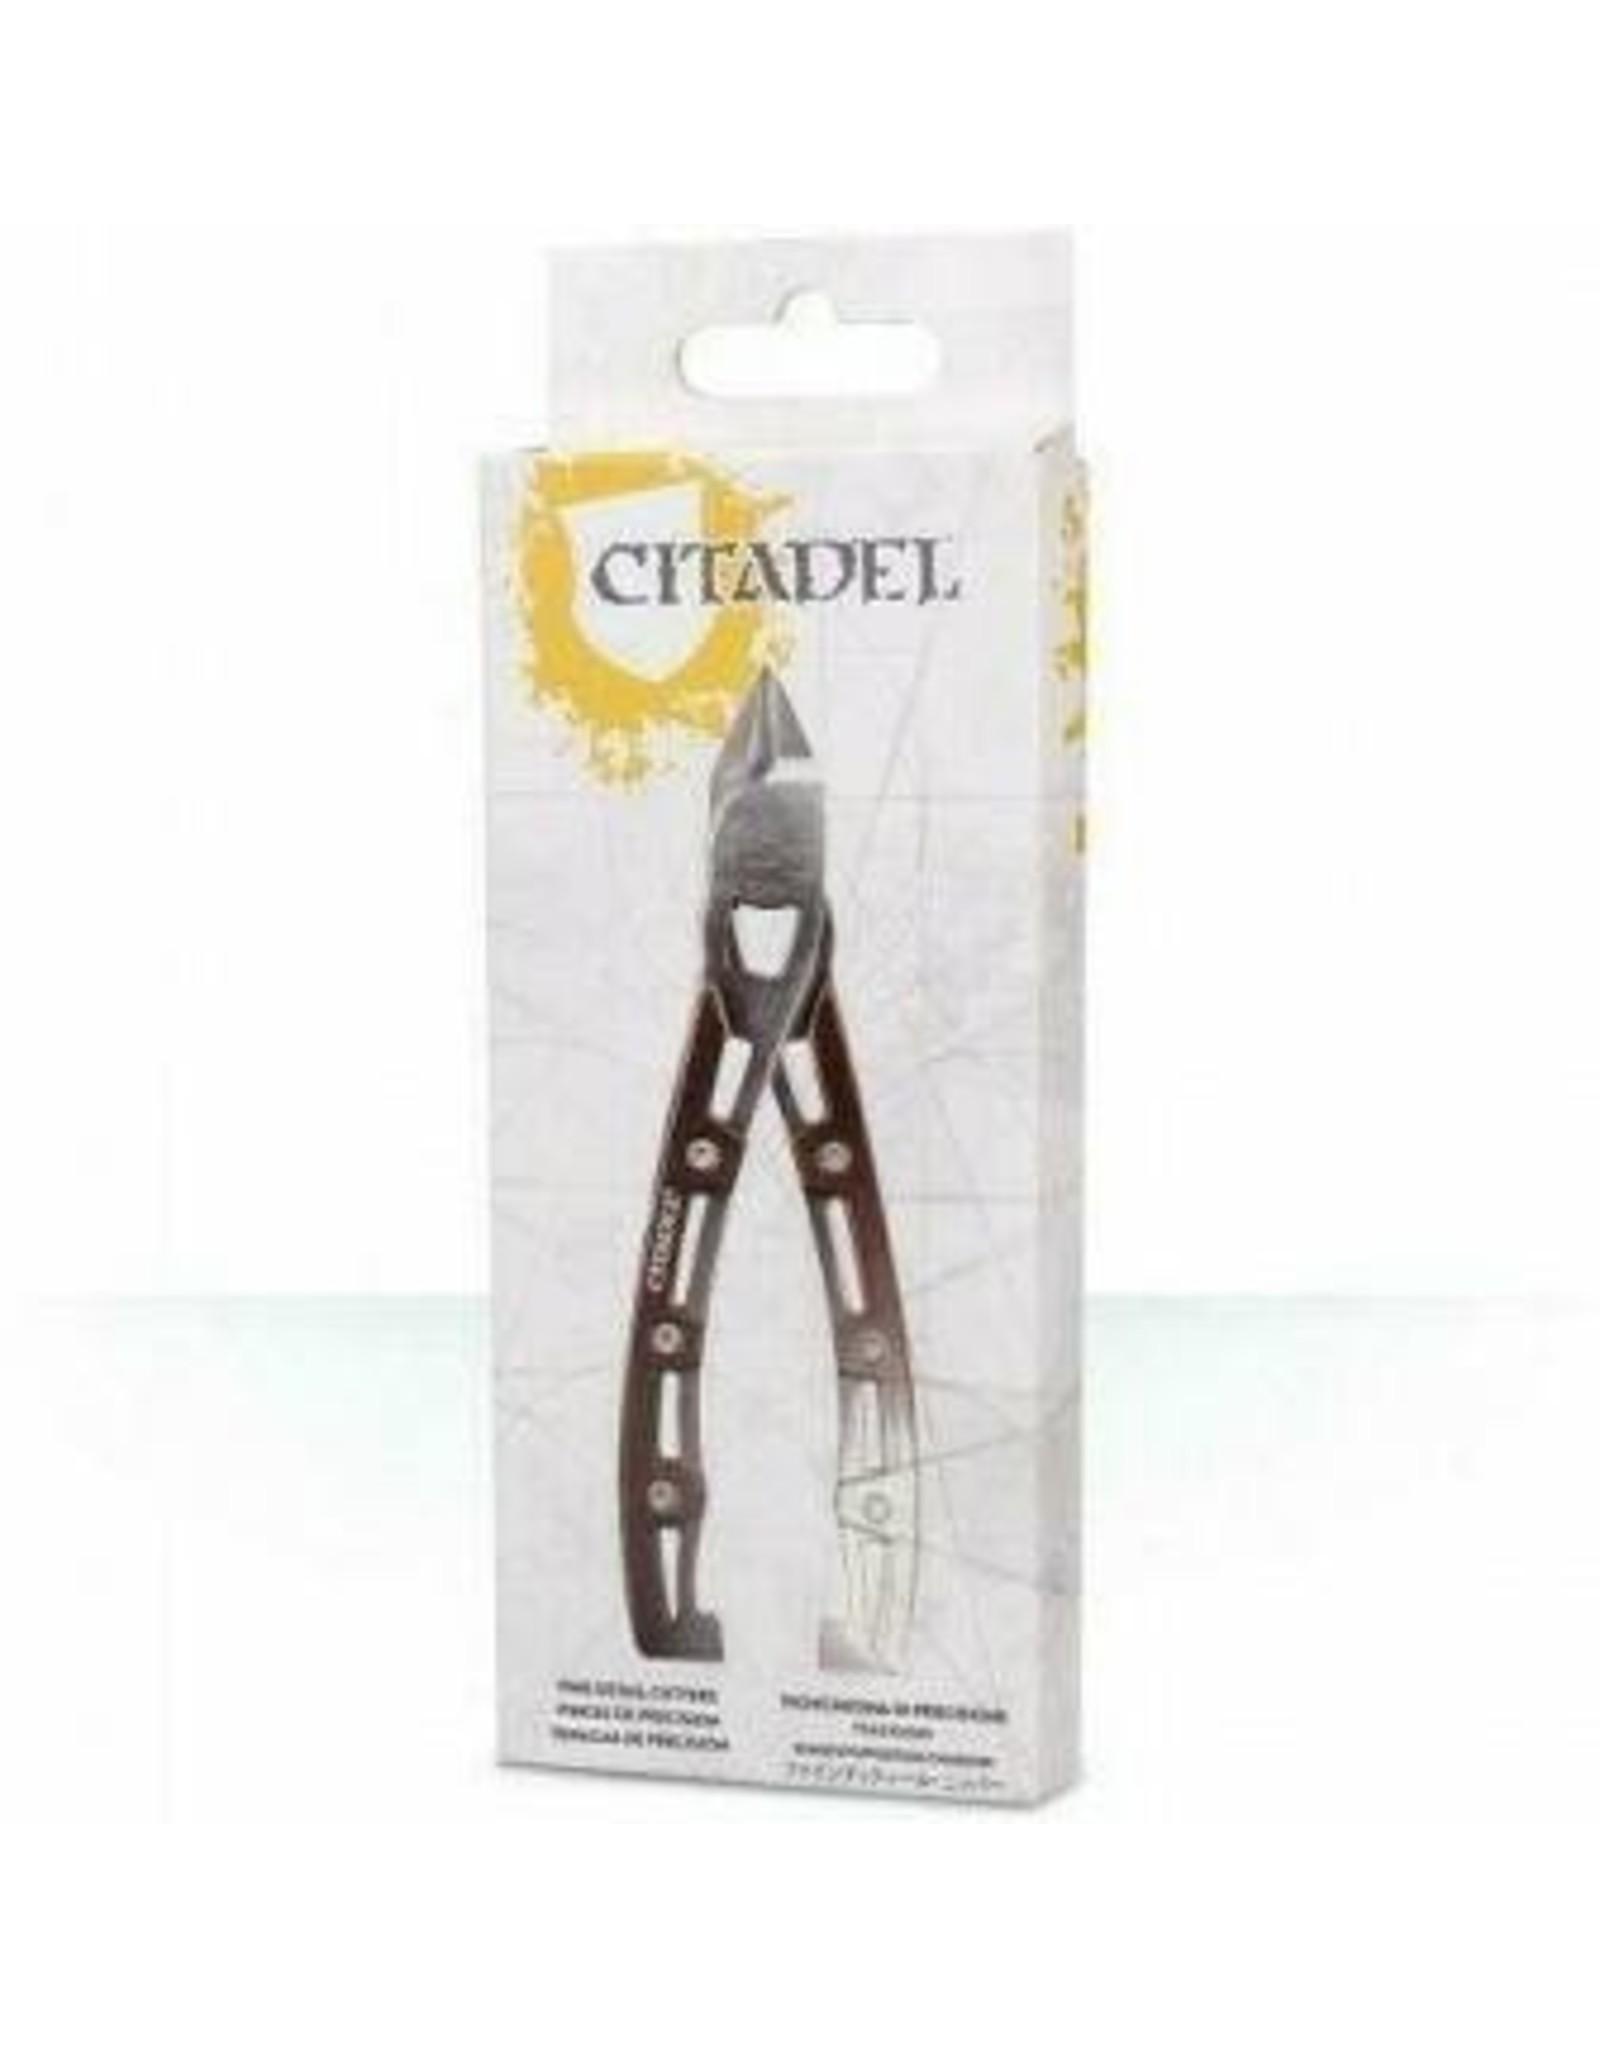 Citadel Citadel Fine Detail Cutters